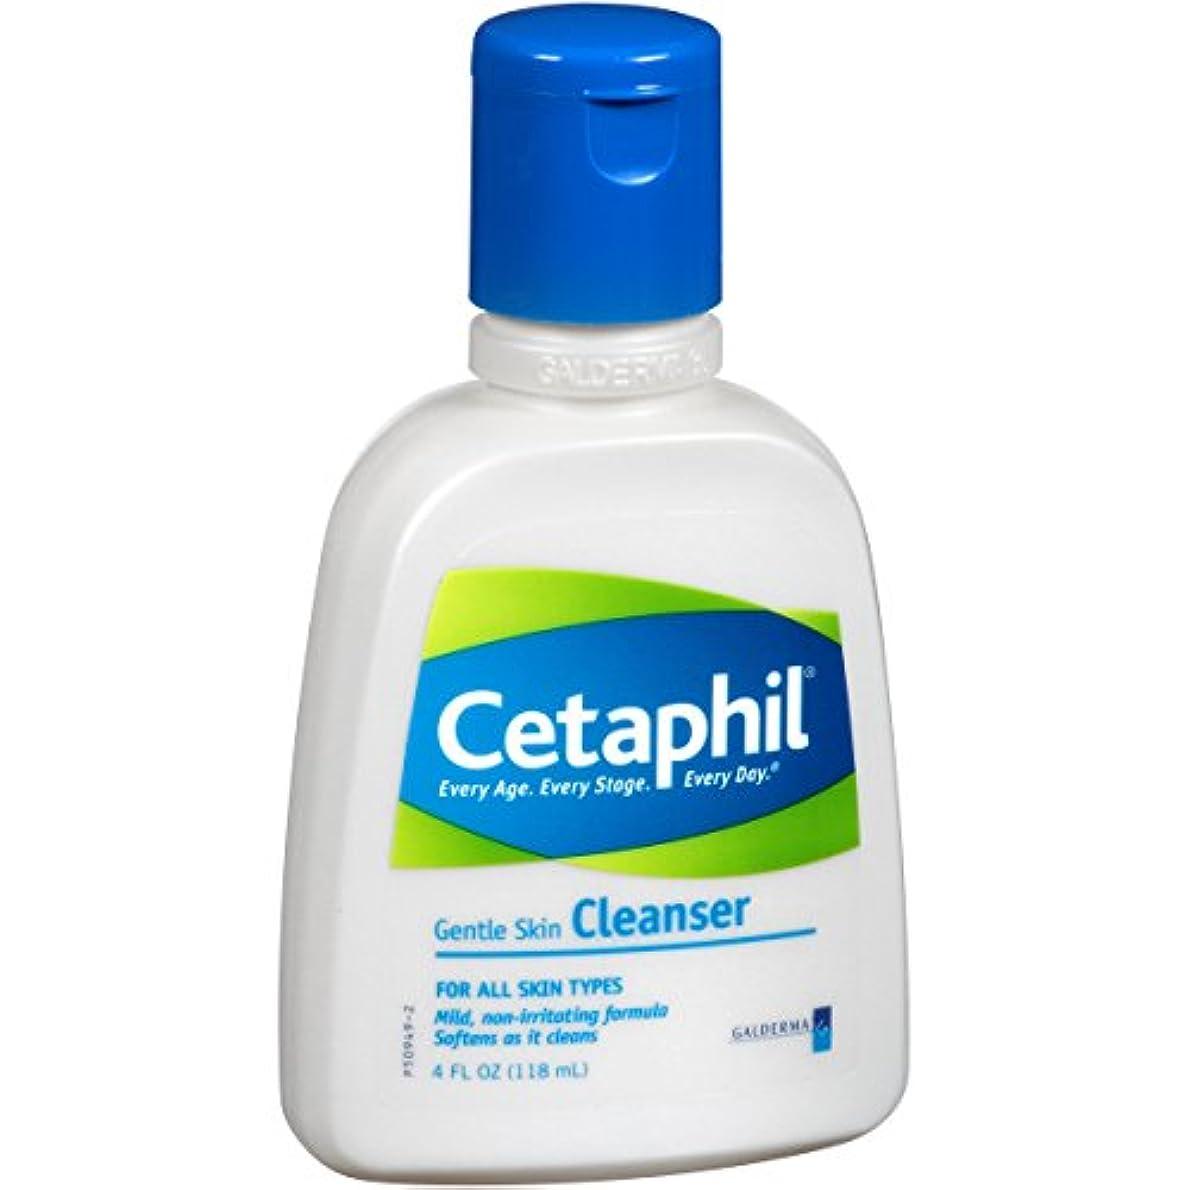 するだろう欠かせないグリップCetaphil ジェントルスキンクレンザーボトル、4流体オンス